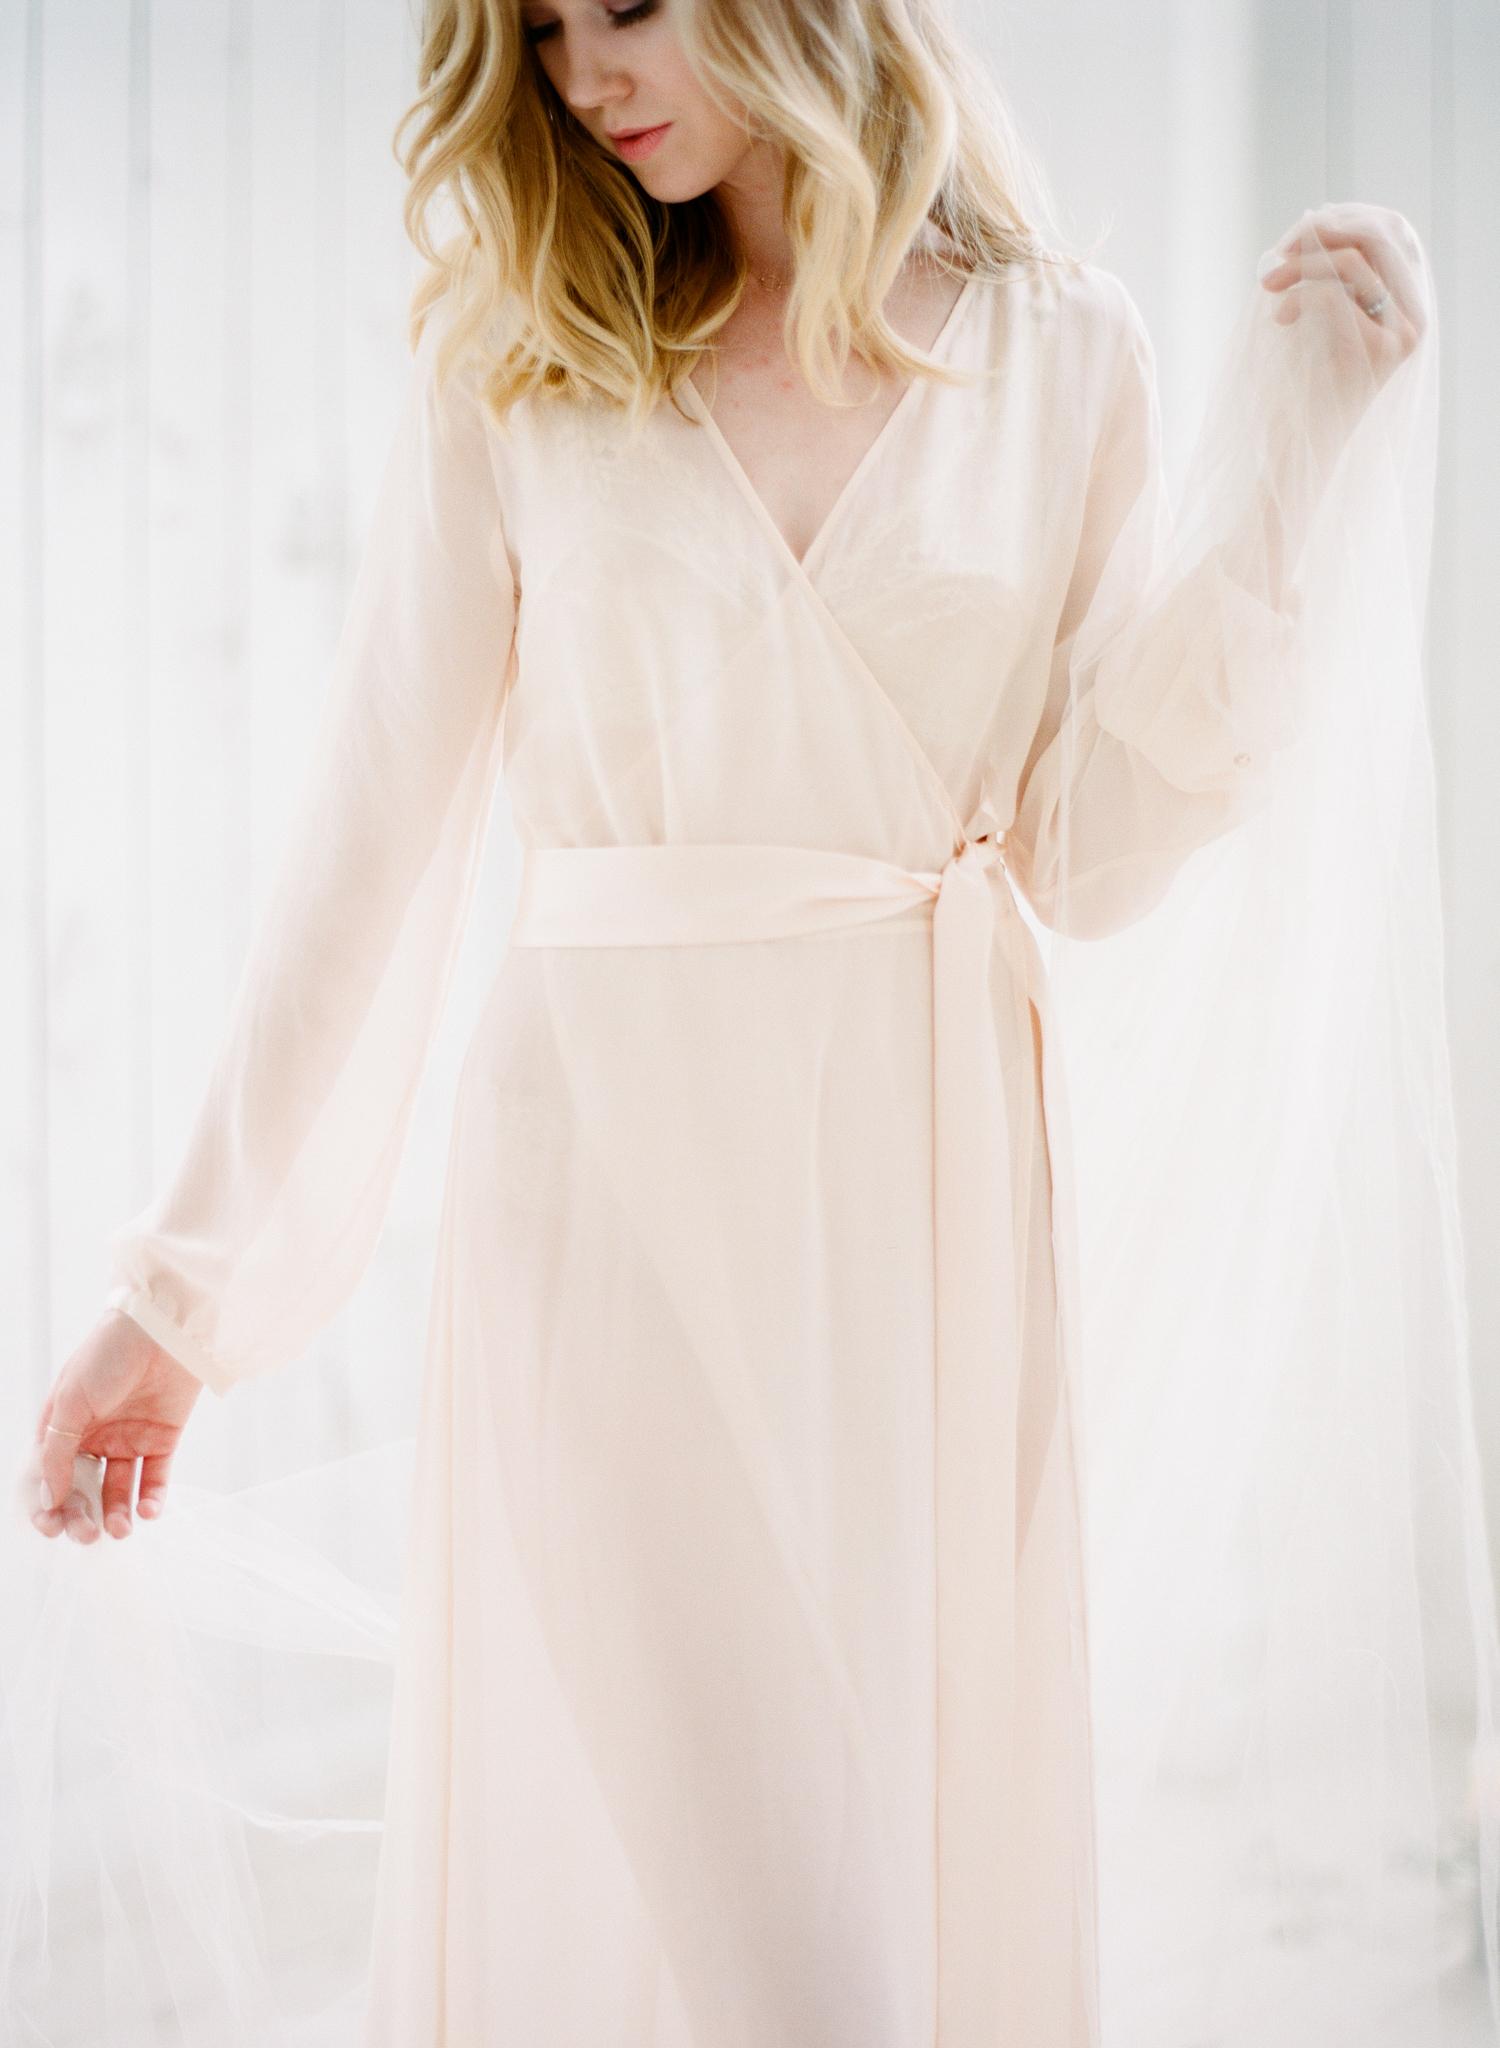 Hannah Mayson Photo-39.jpg